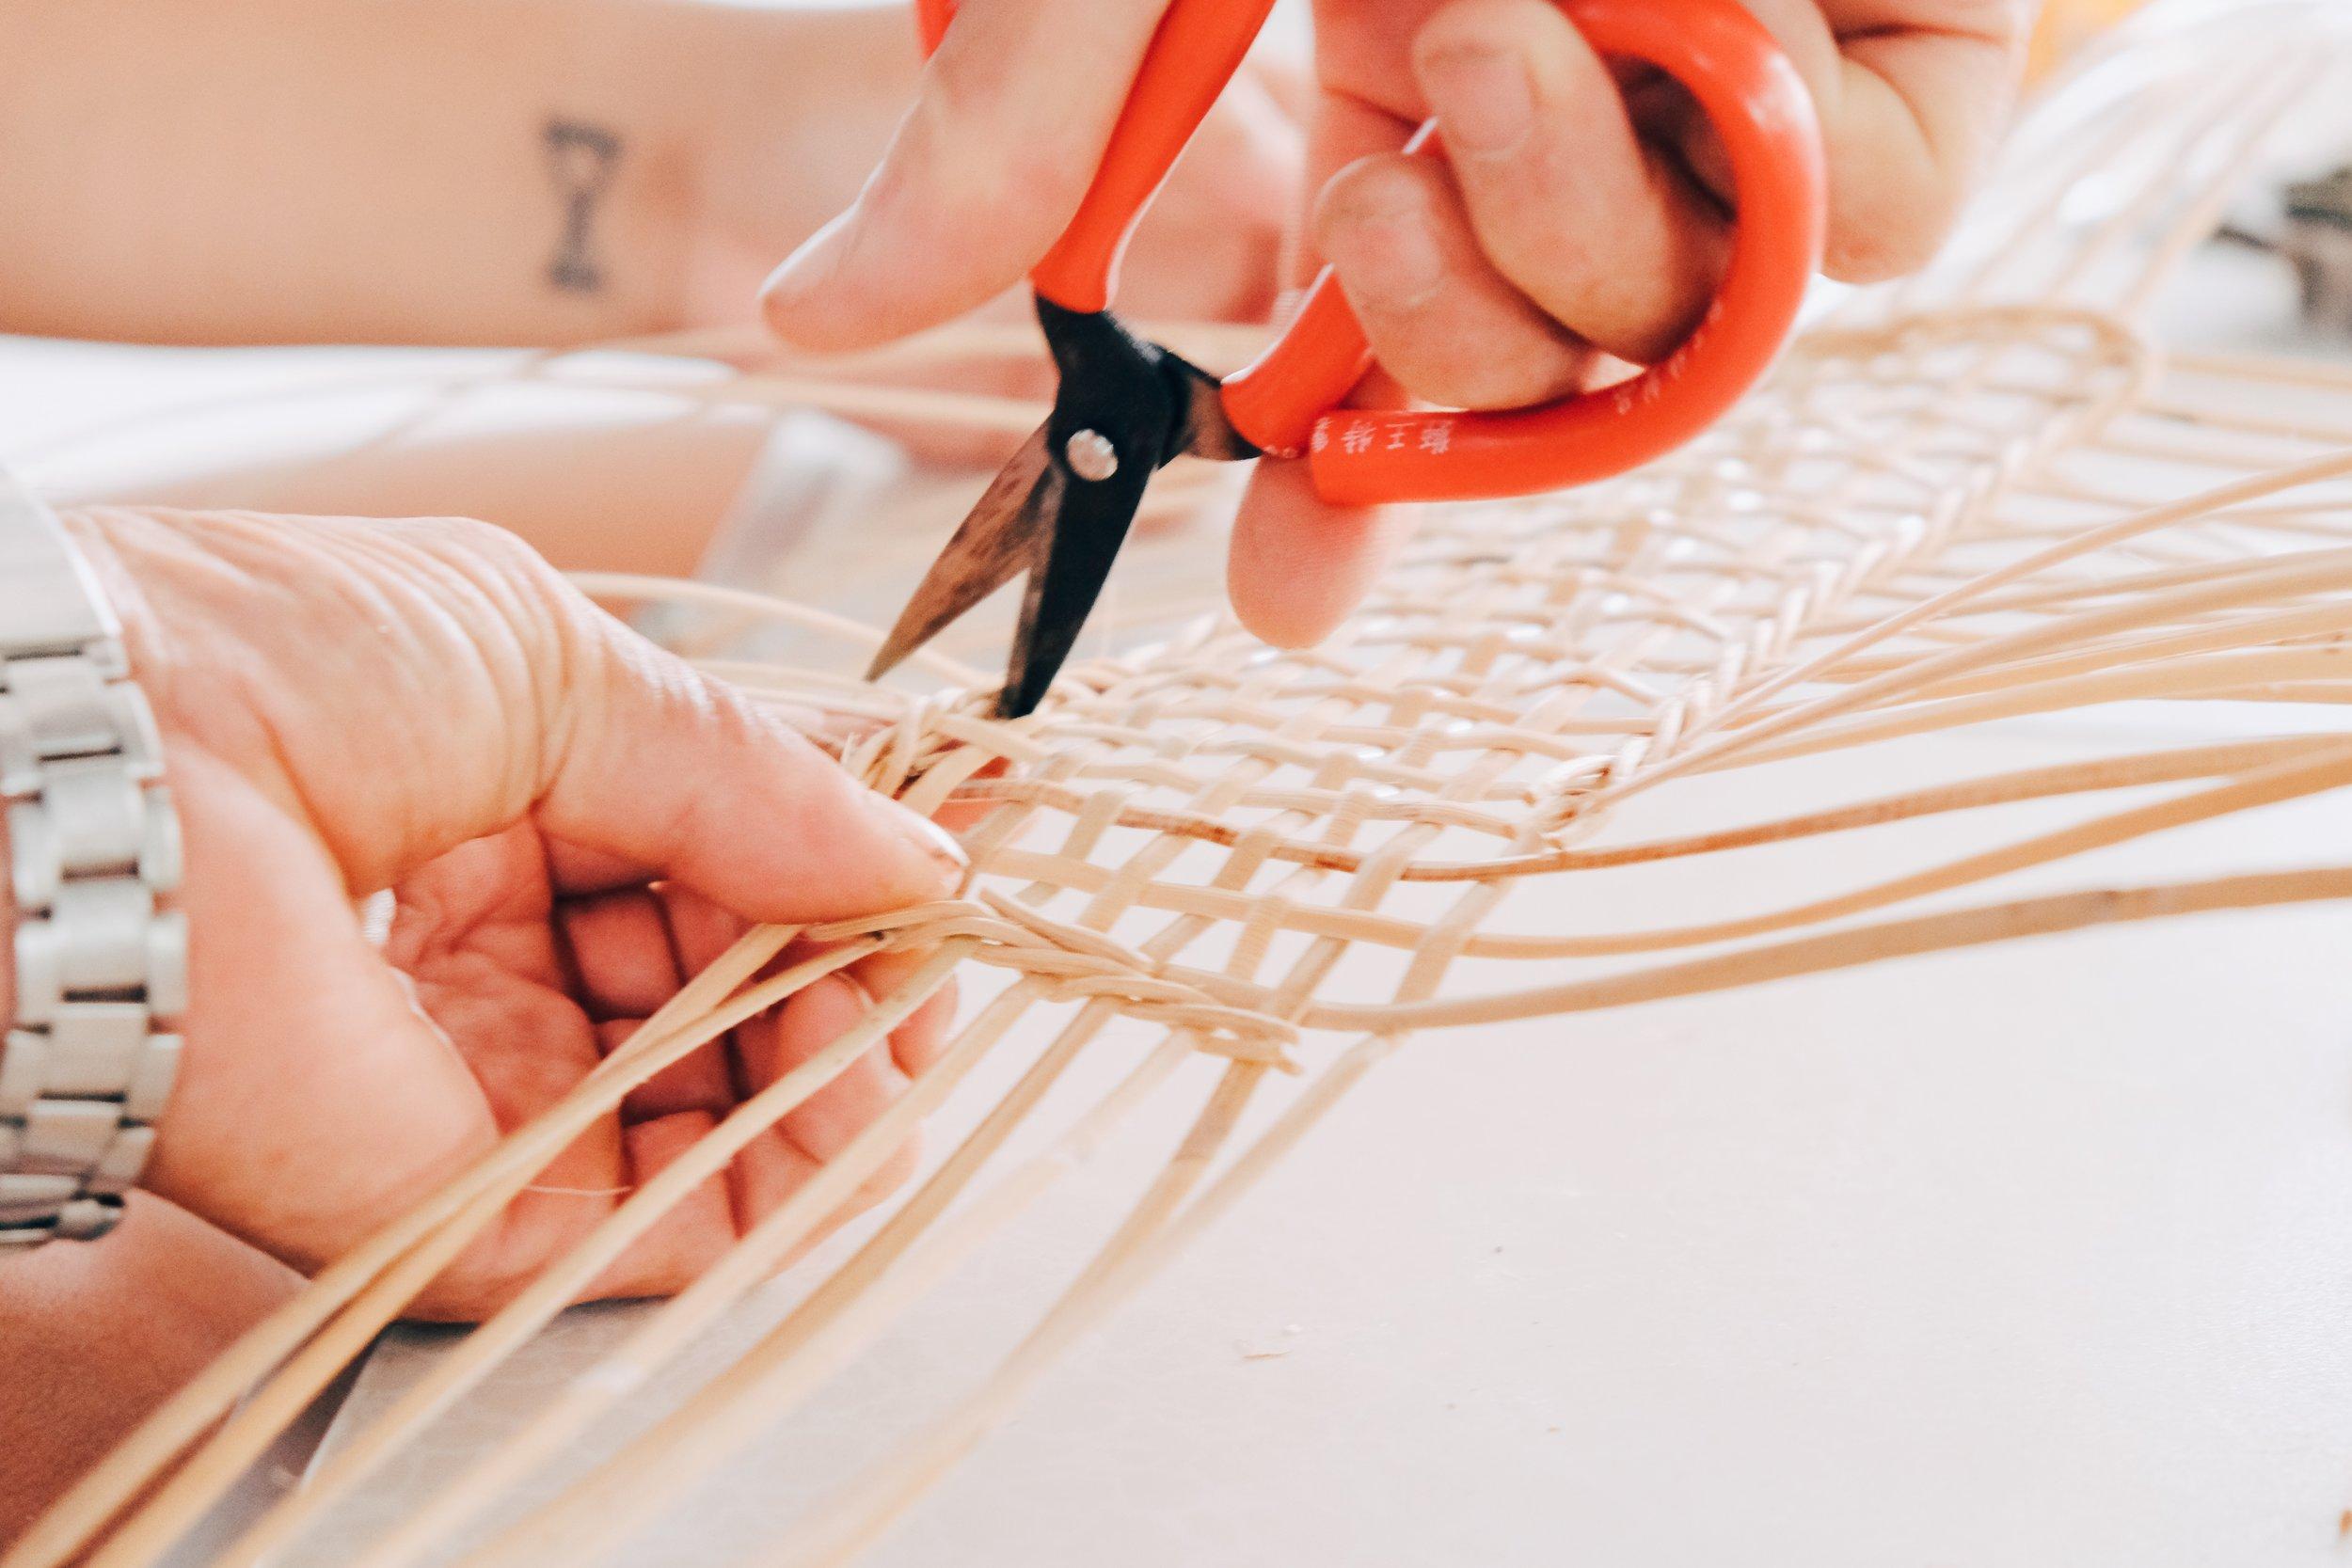 阿公將編織不平整的籐心剪掉